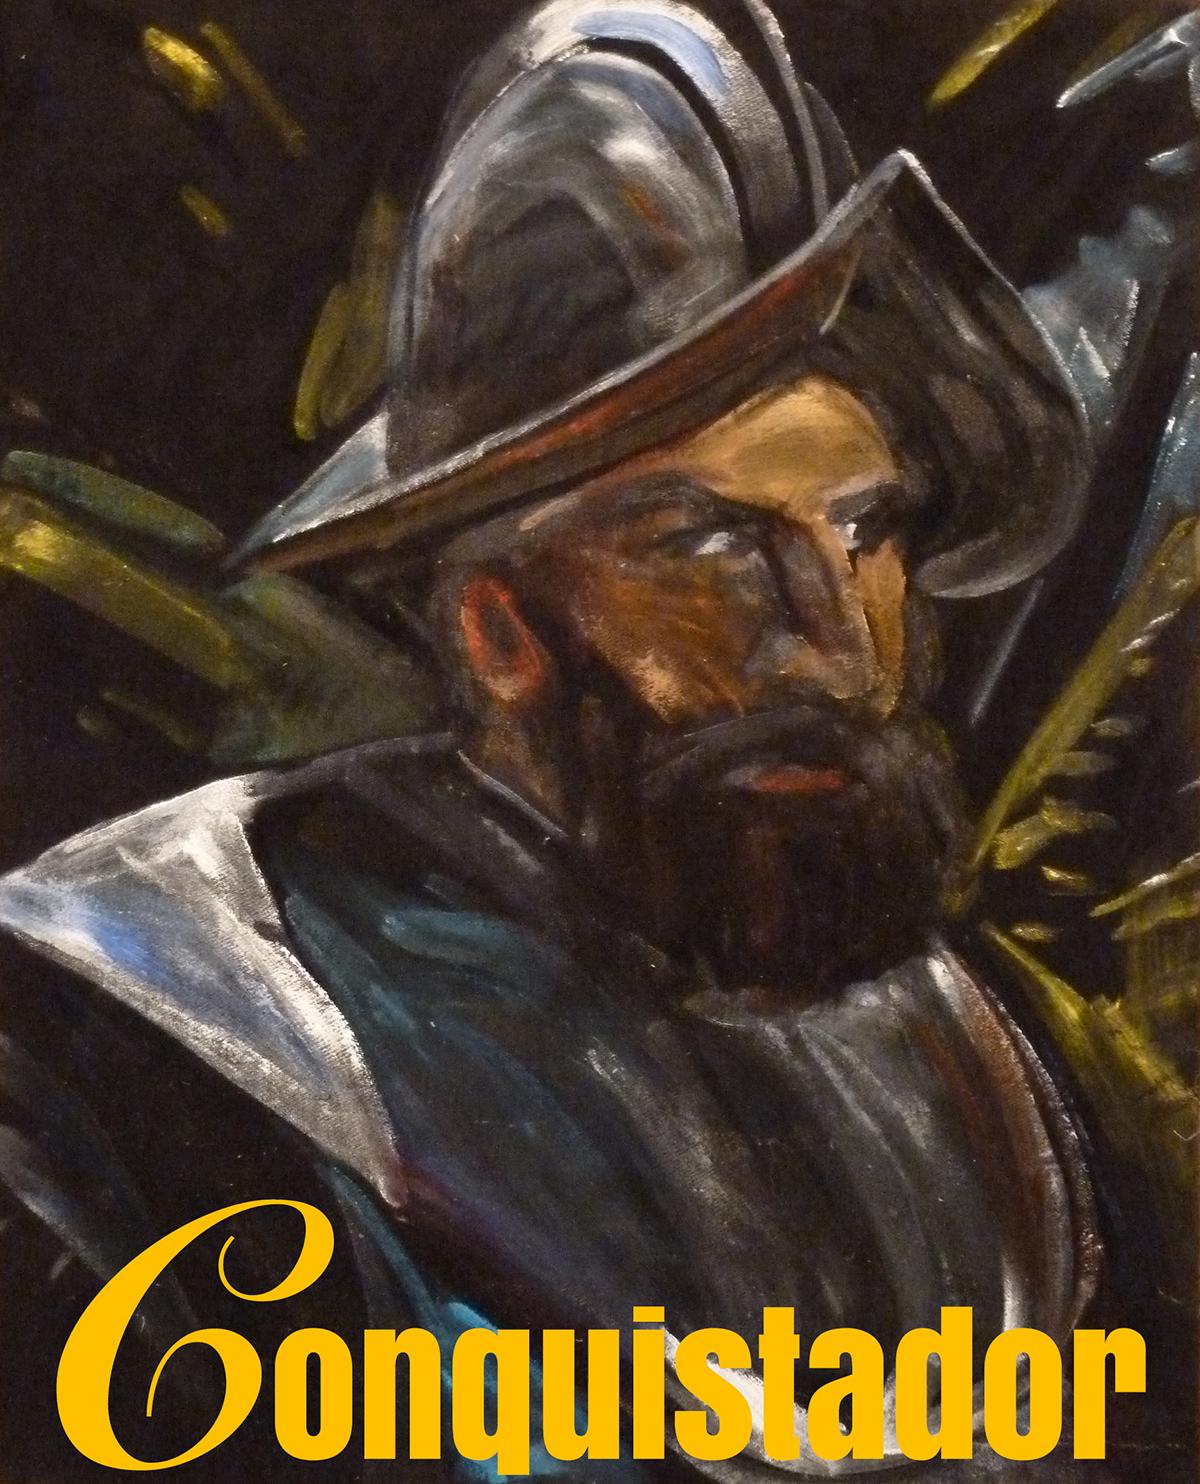 Conquistador-web.jpg